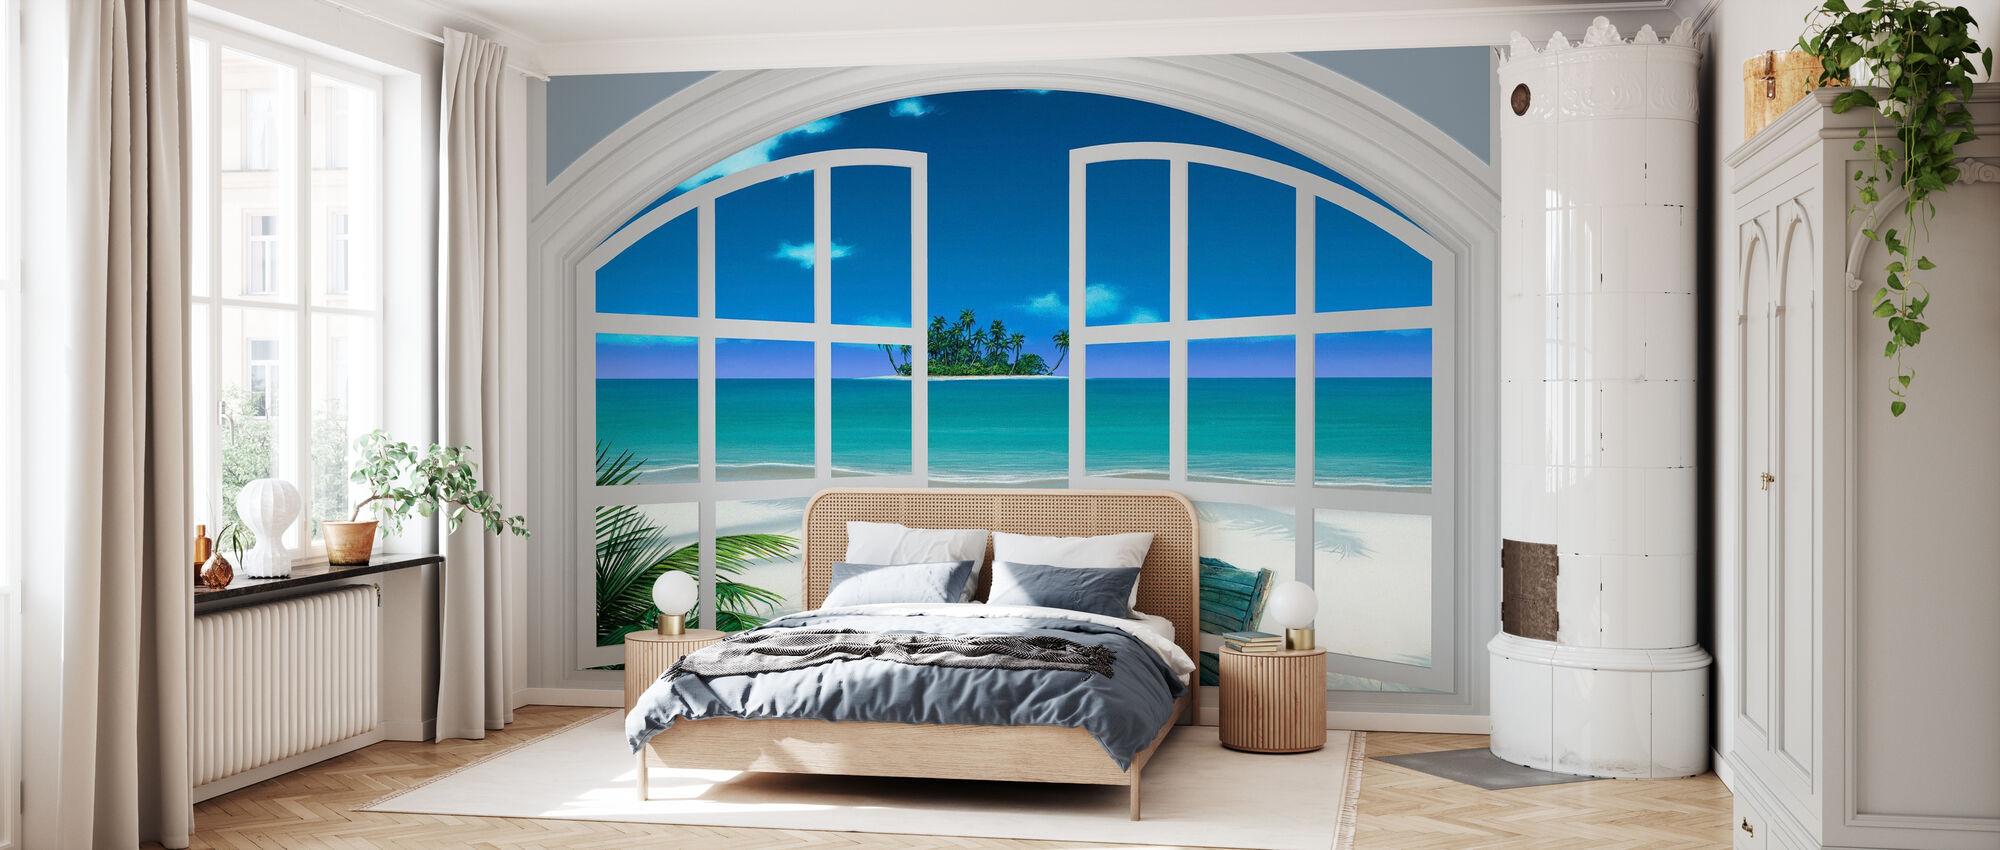 Rantalanäkymä ikkunan läpi - Tapetti - Makuuhuone